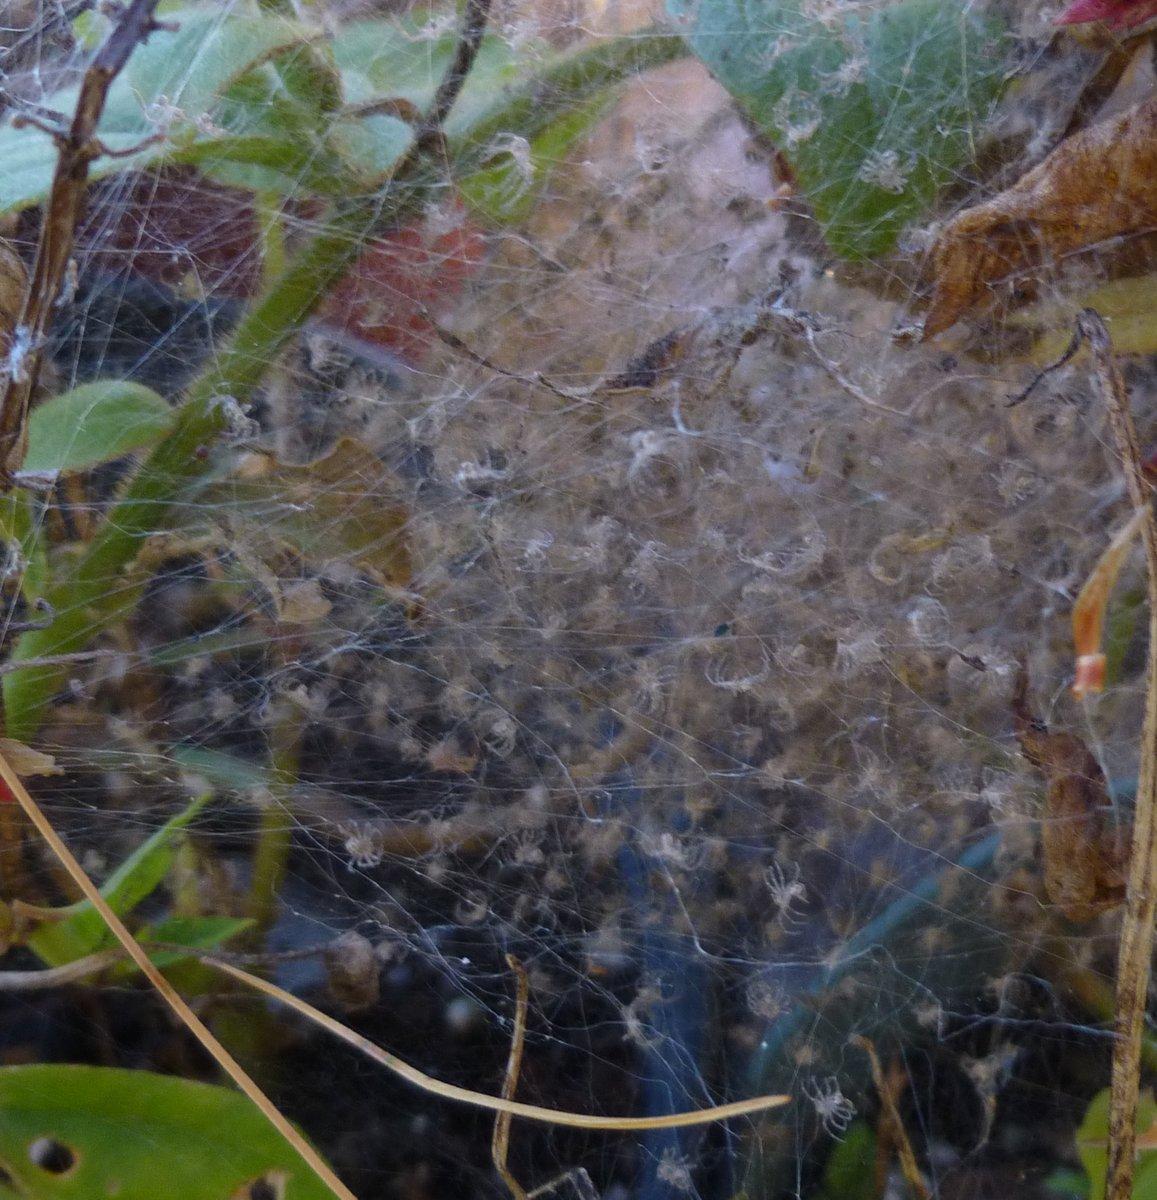 2. Baby Spider Nest